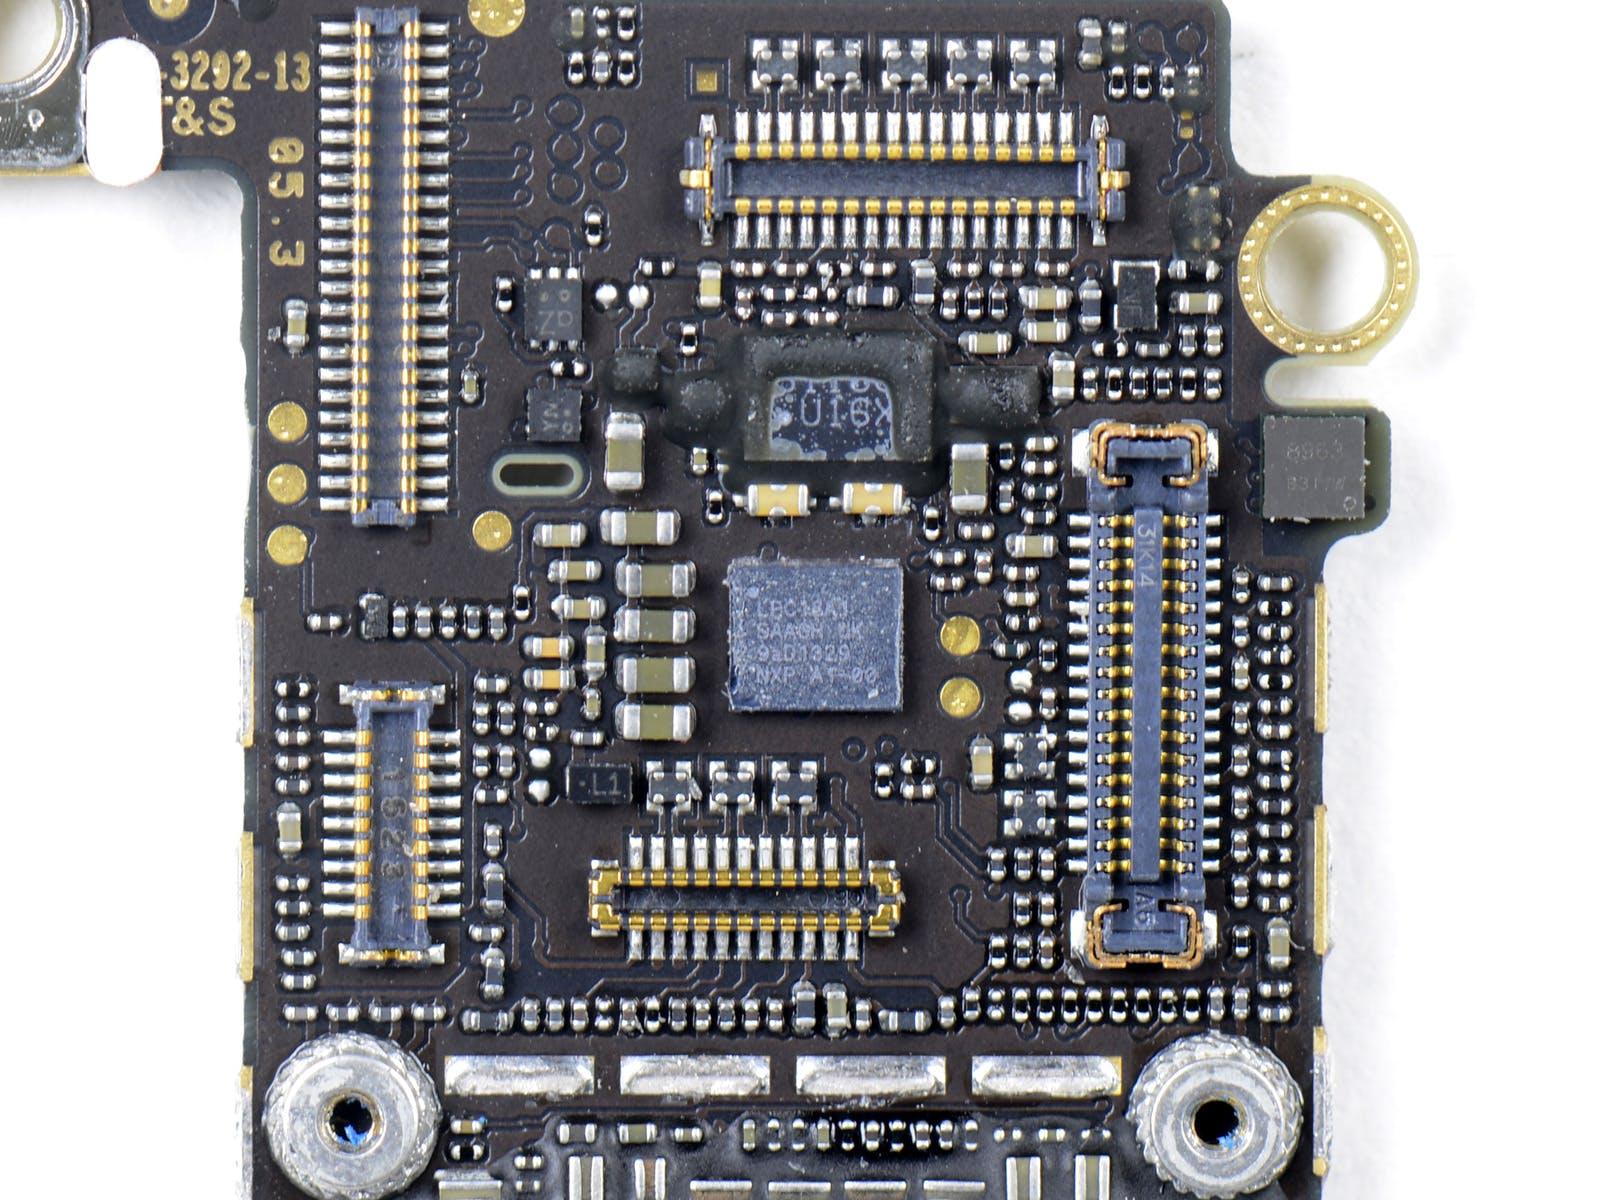 In der Mitte ist der neue M7-Coprozessor zu sehen, welcher die Daten aller Umgebungssensoren ständig verarbeitet. (Quelle: iFixit.com)